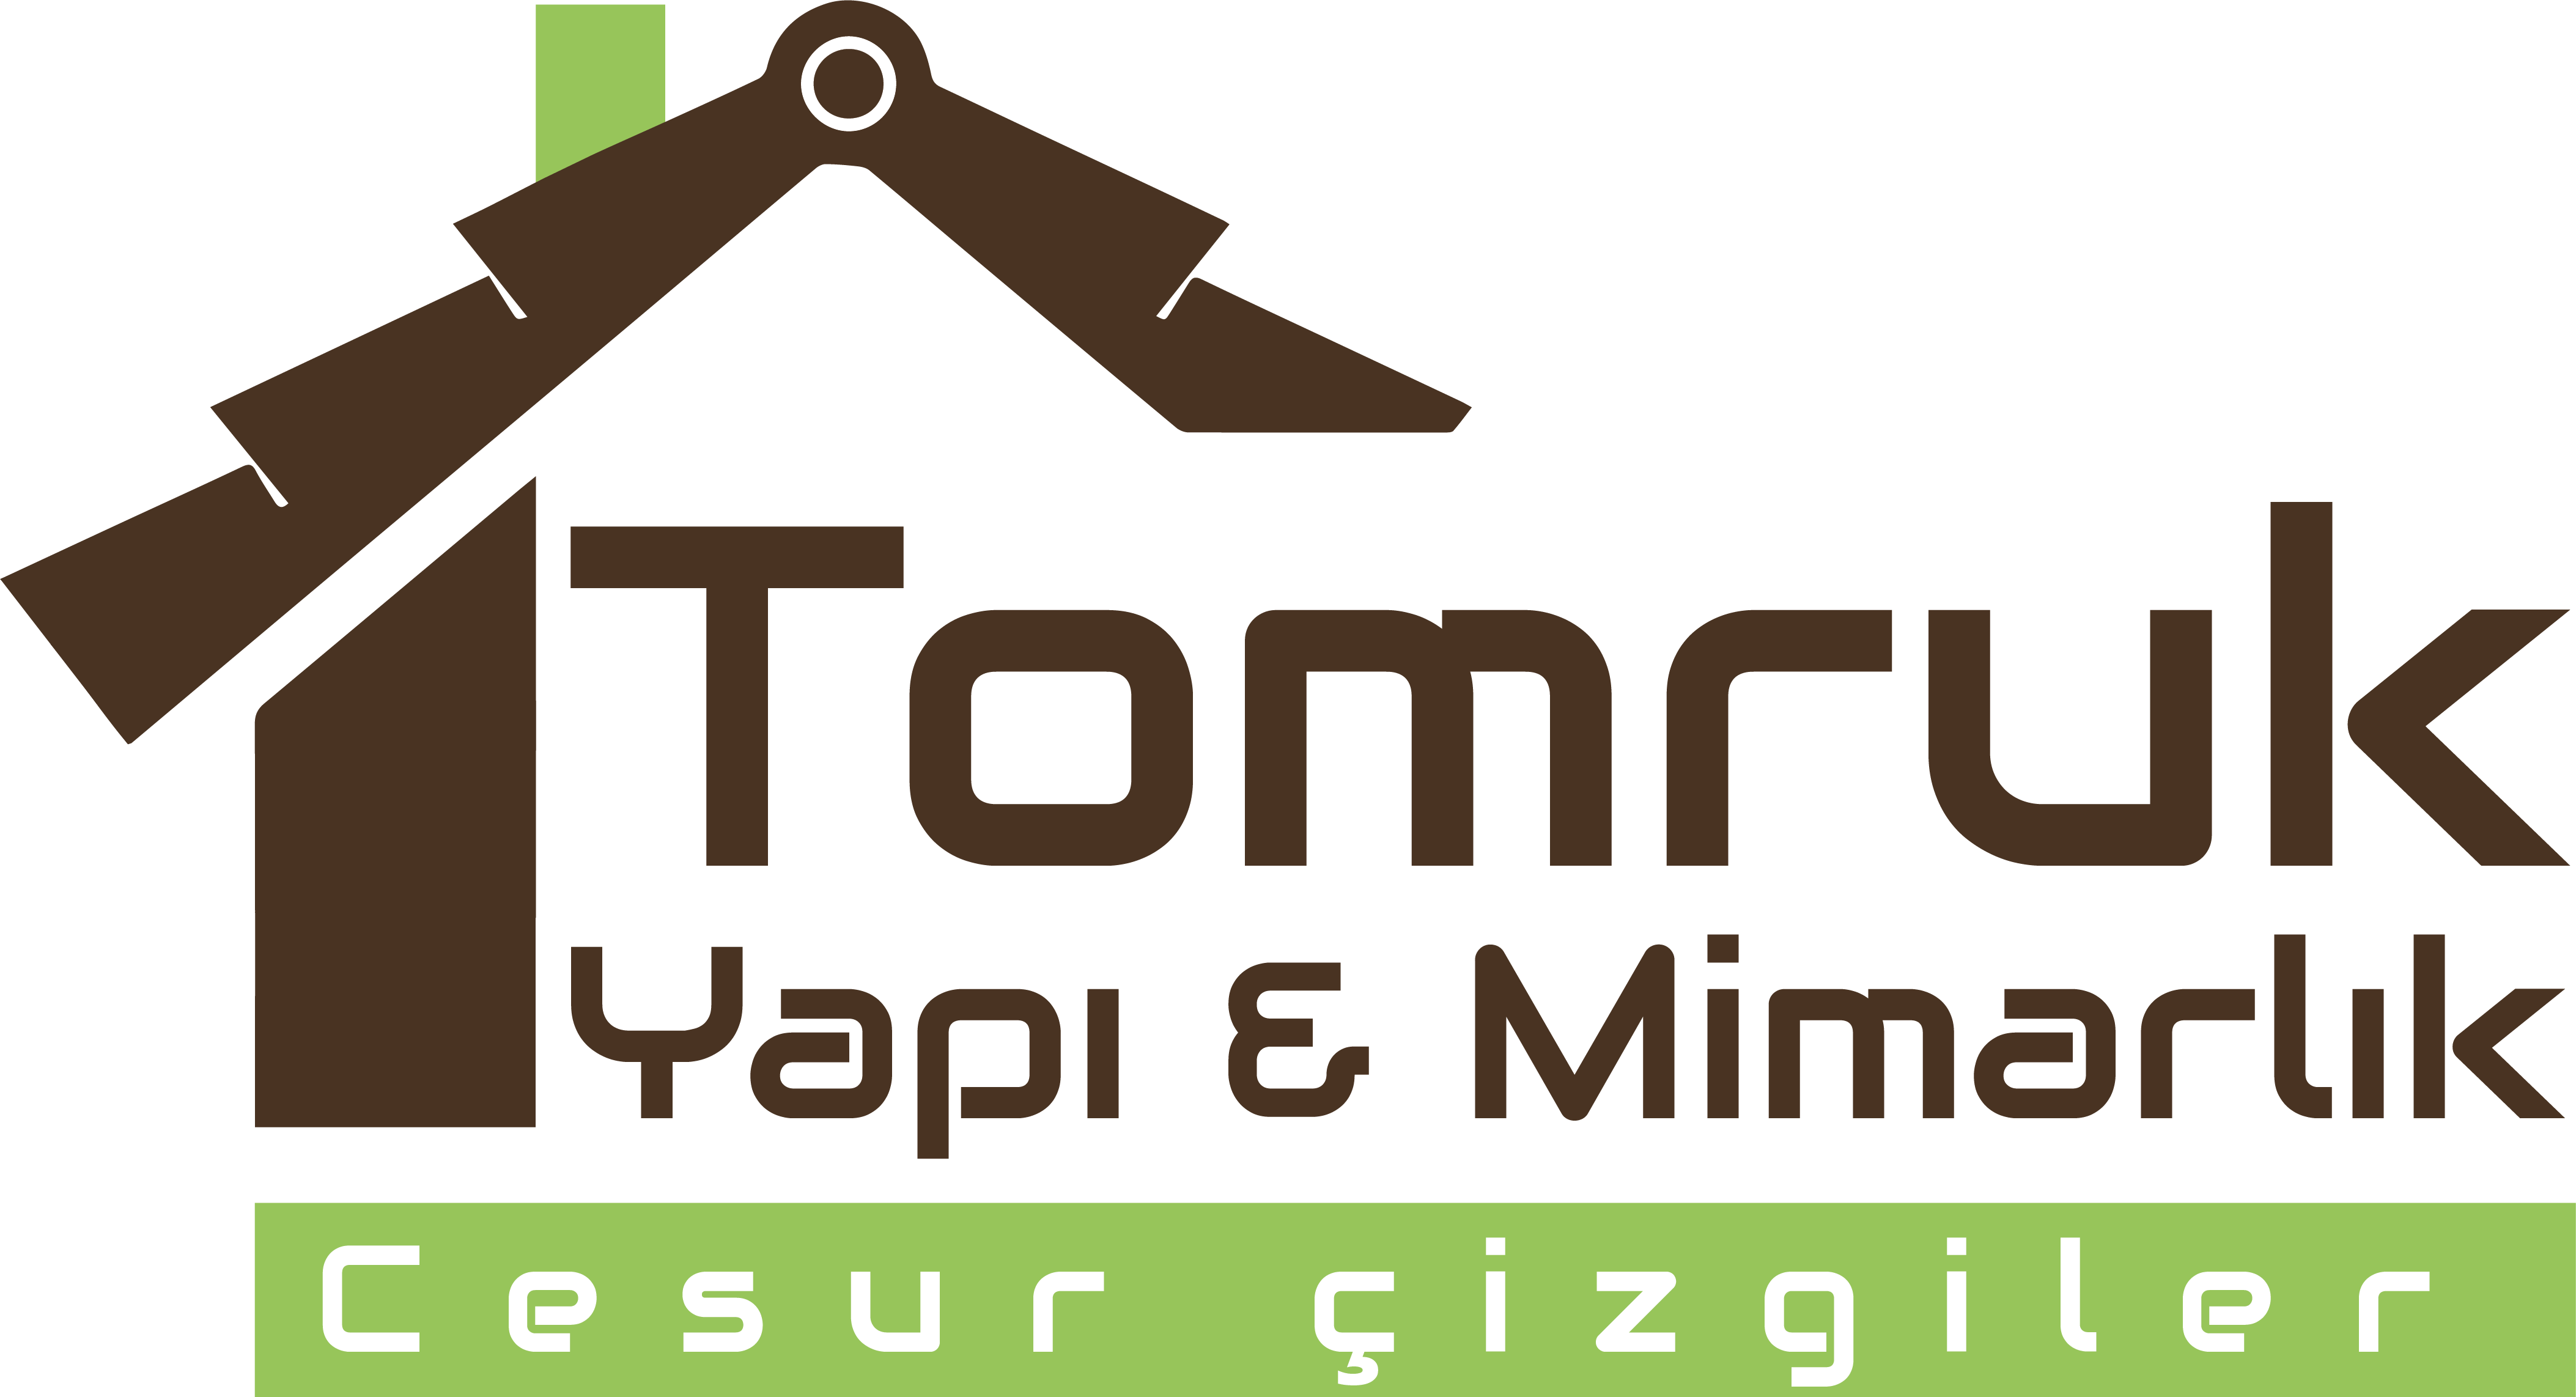 Tomruk Yapı & Mimarlık